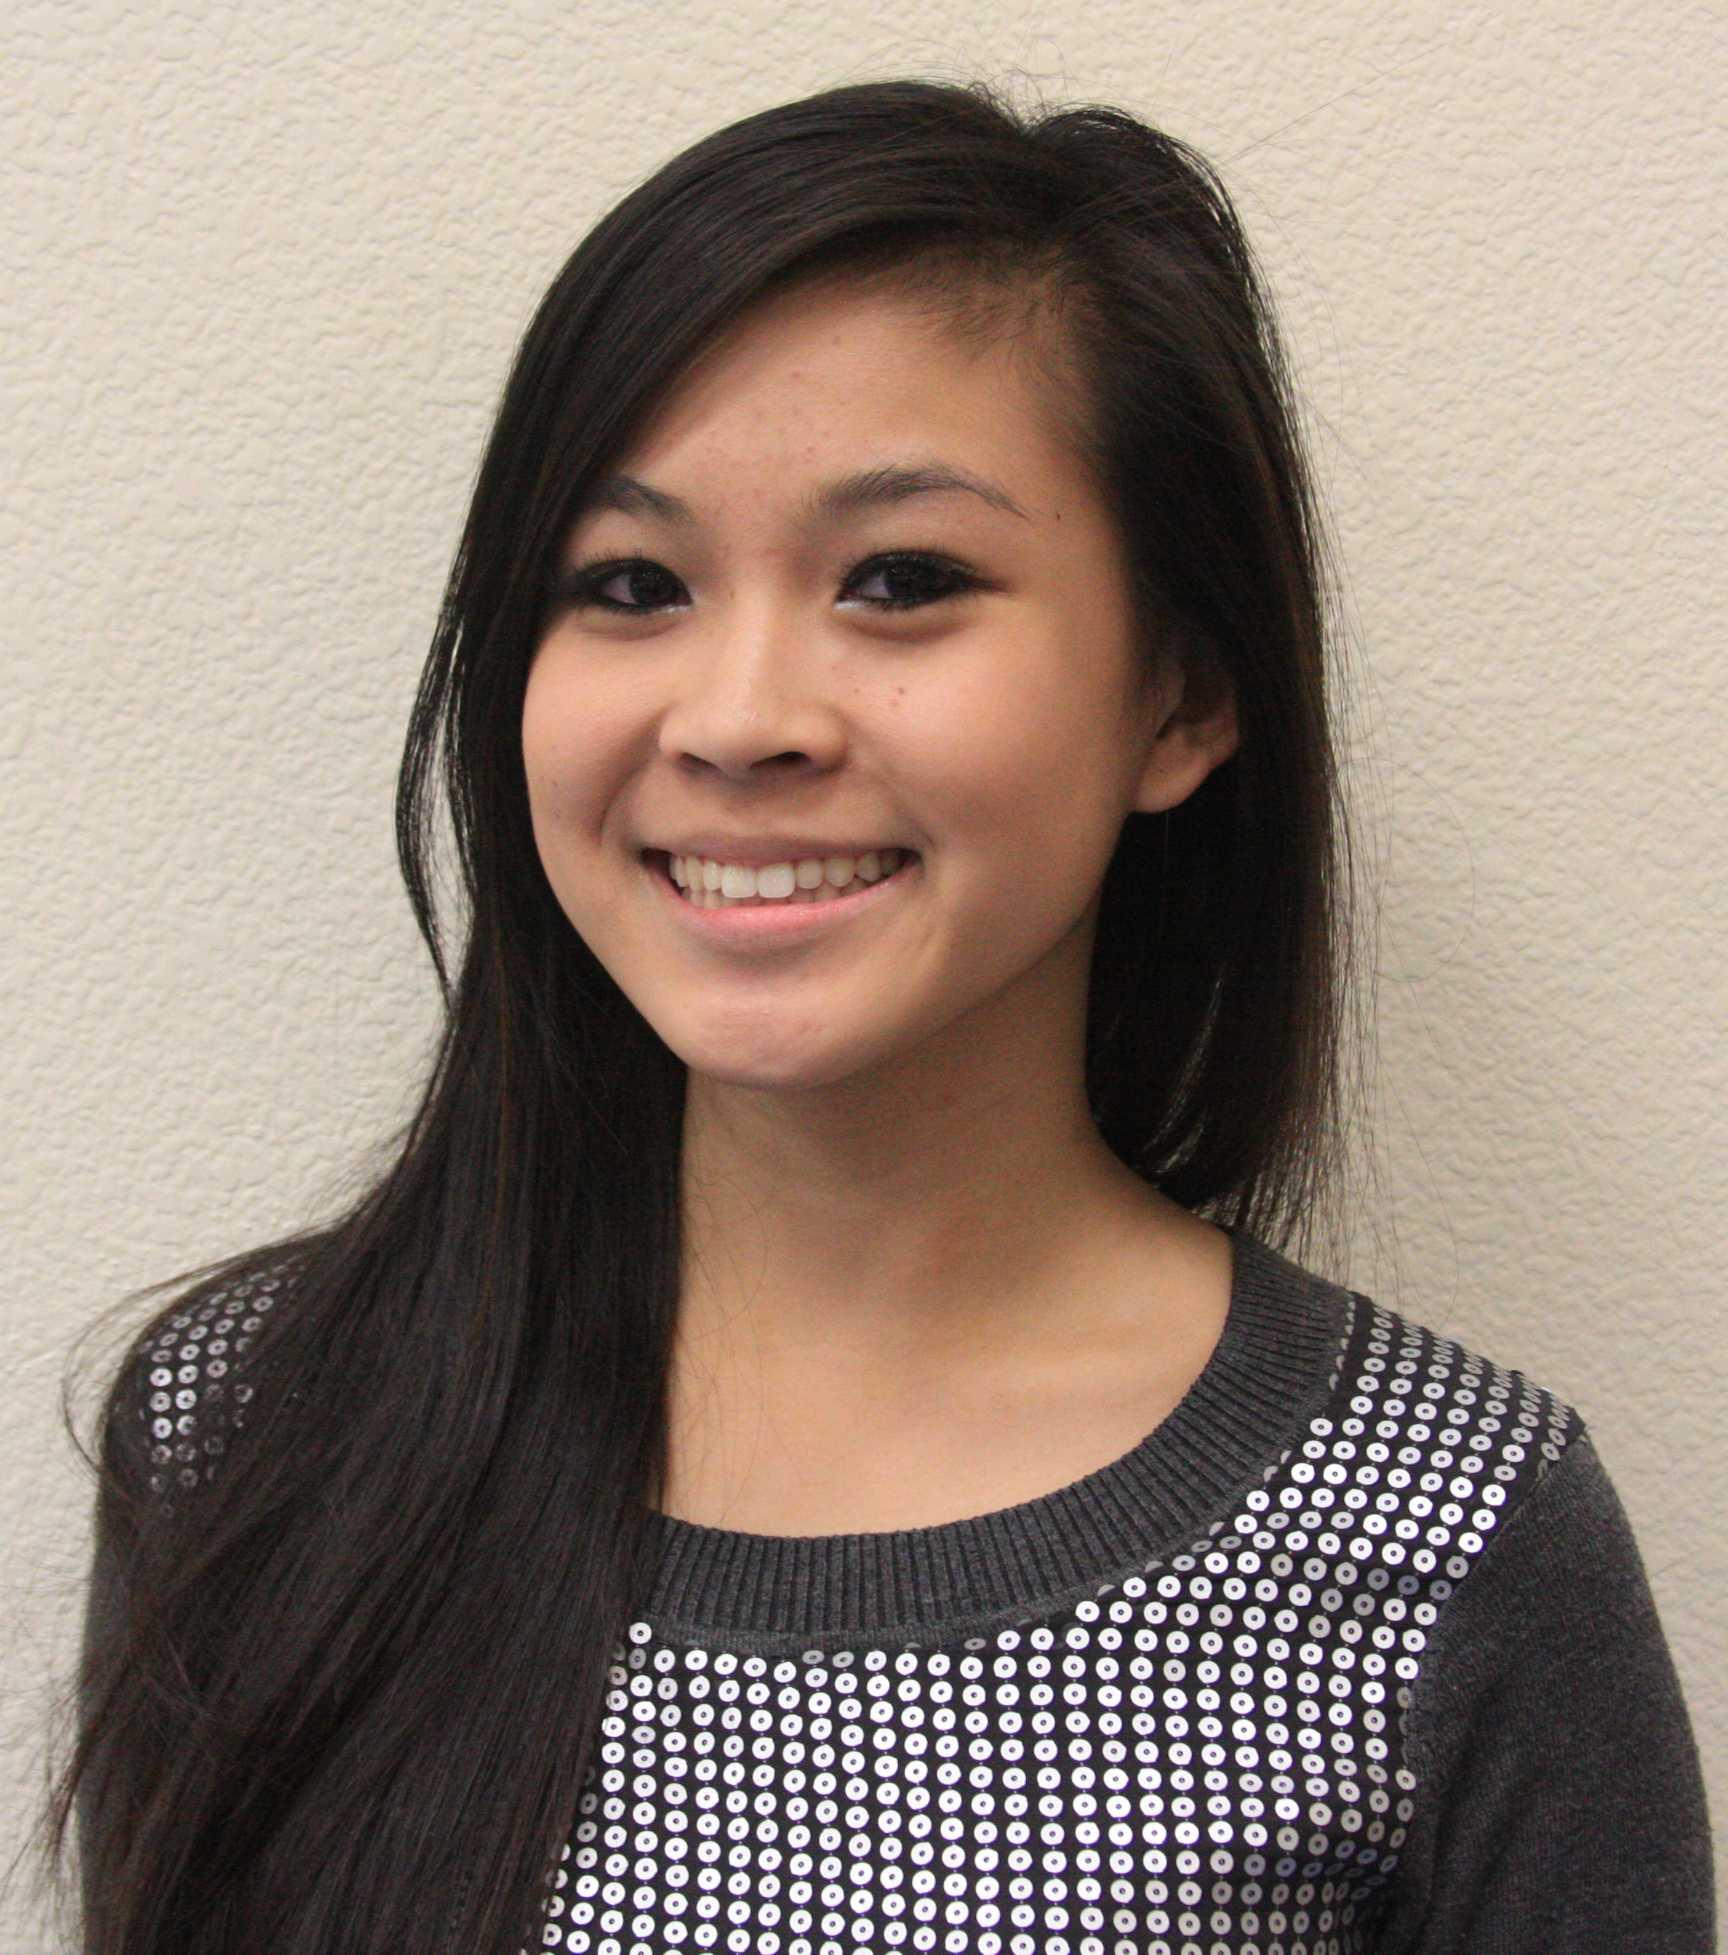 Nadia Manivong